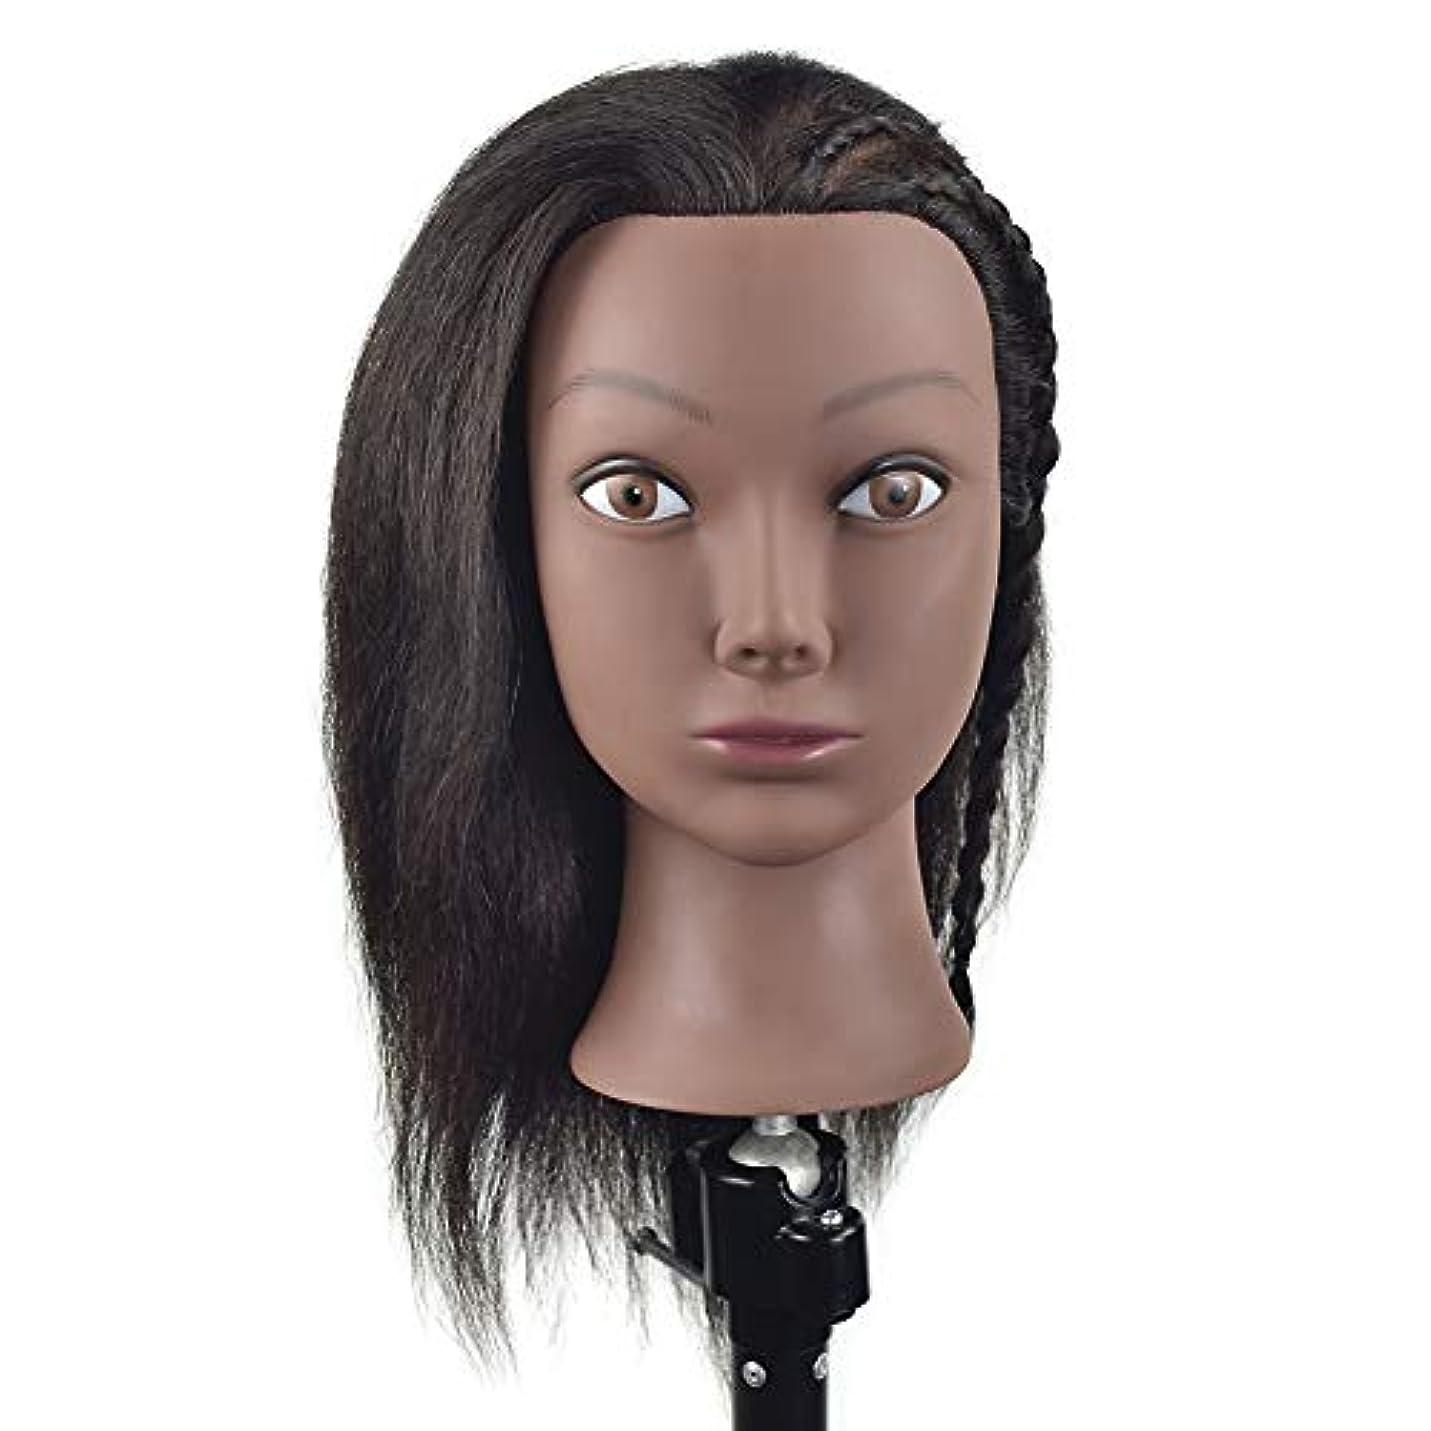 順応性のあるジョブ仕方トレーニングヘッドかつらヘッドの型のヘアカットの編みのスタイリングマネキンヘッド理髪店練習指導ダミーヘッド